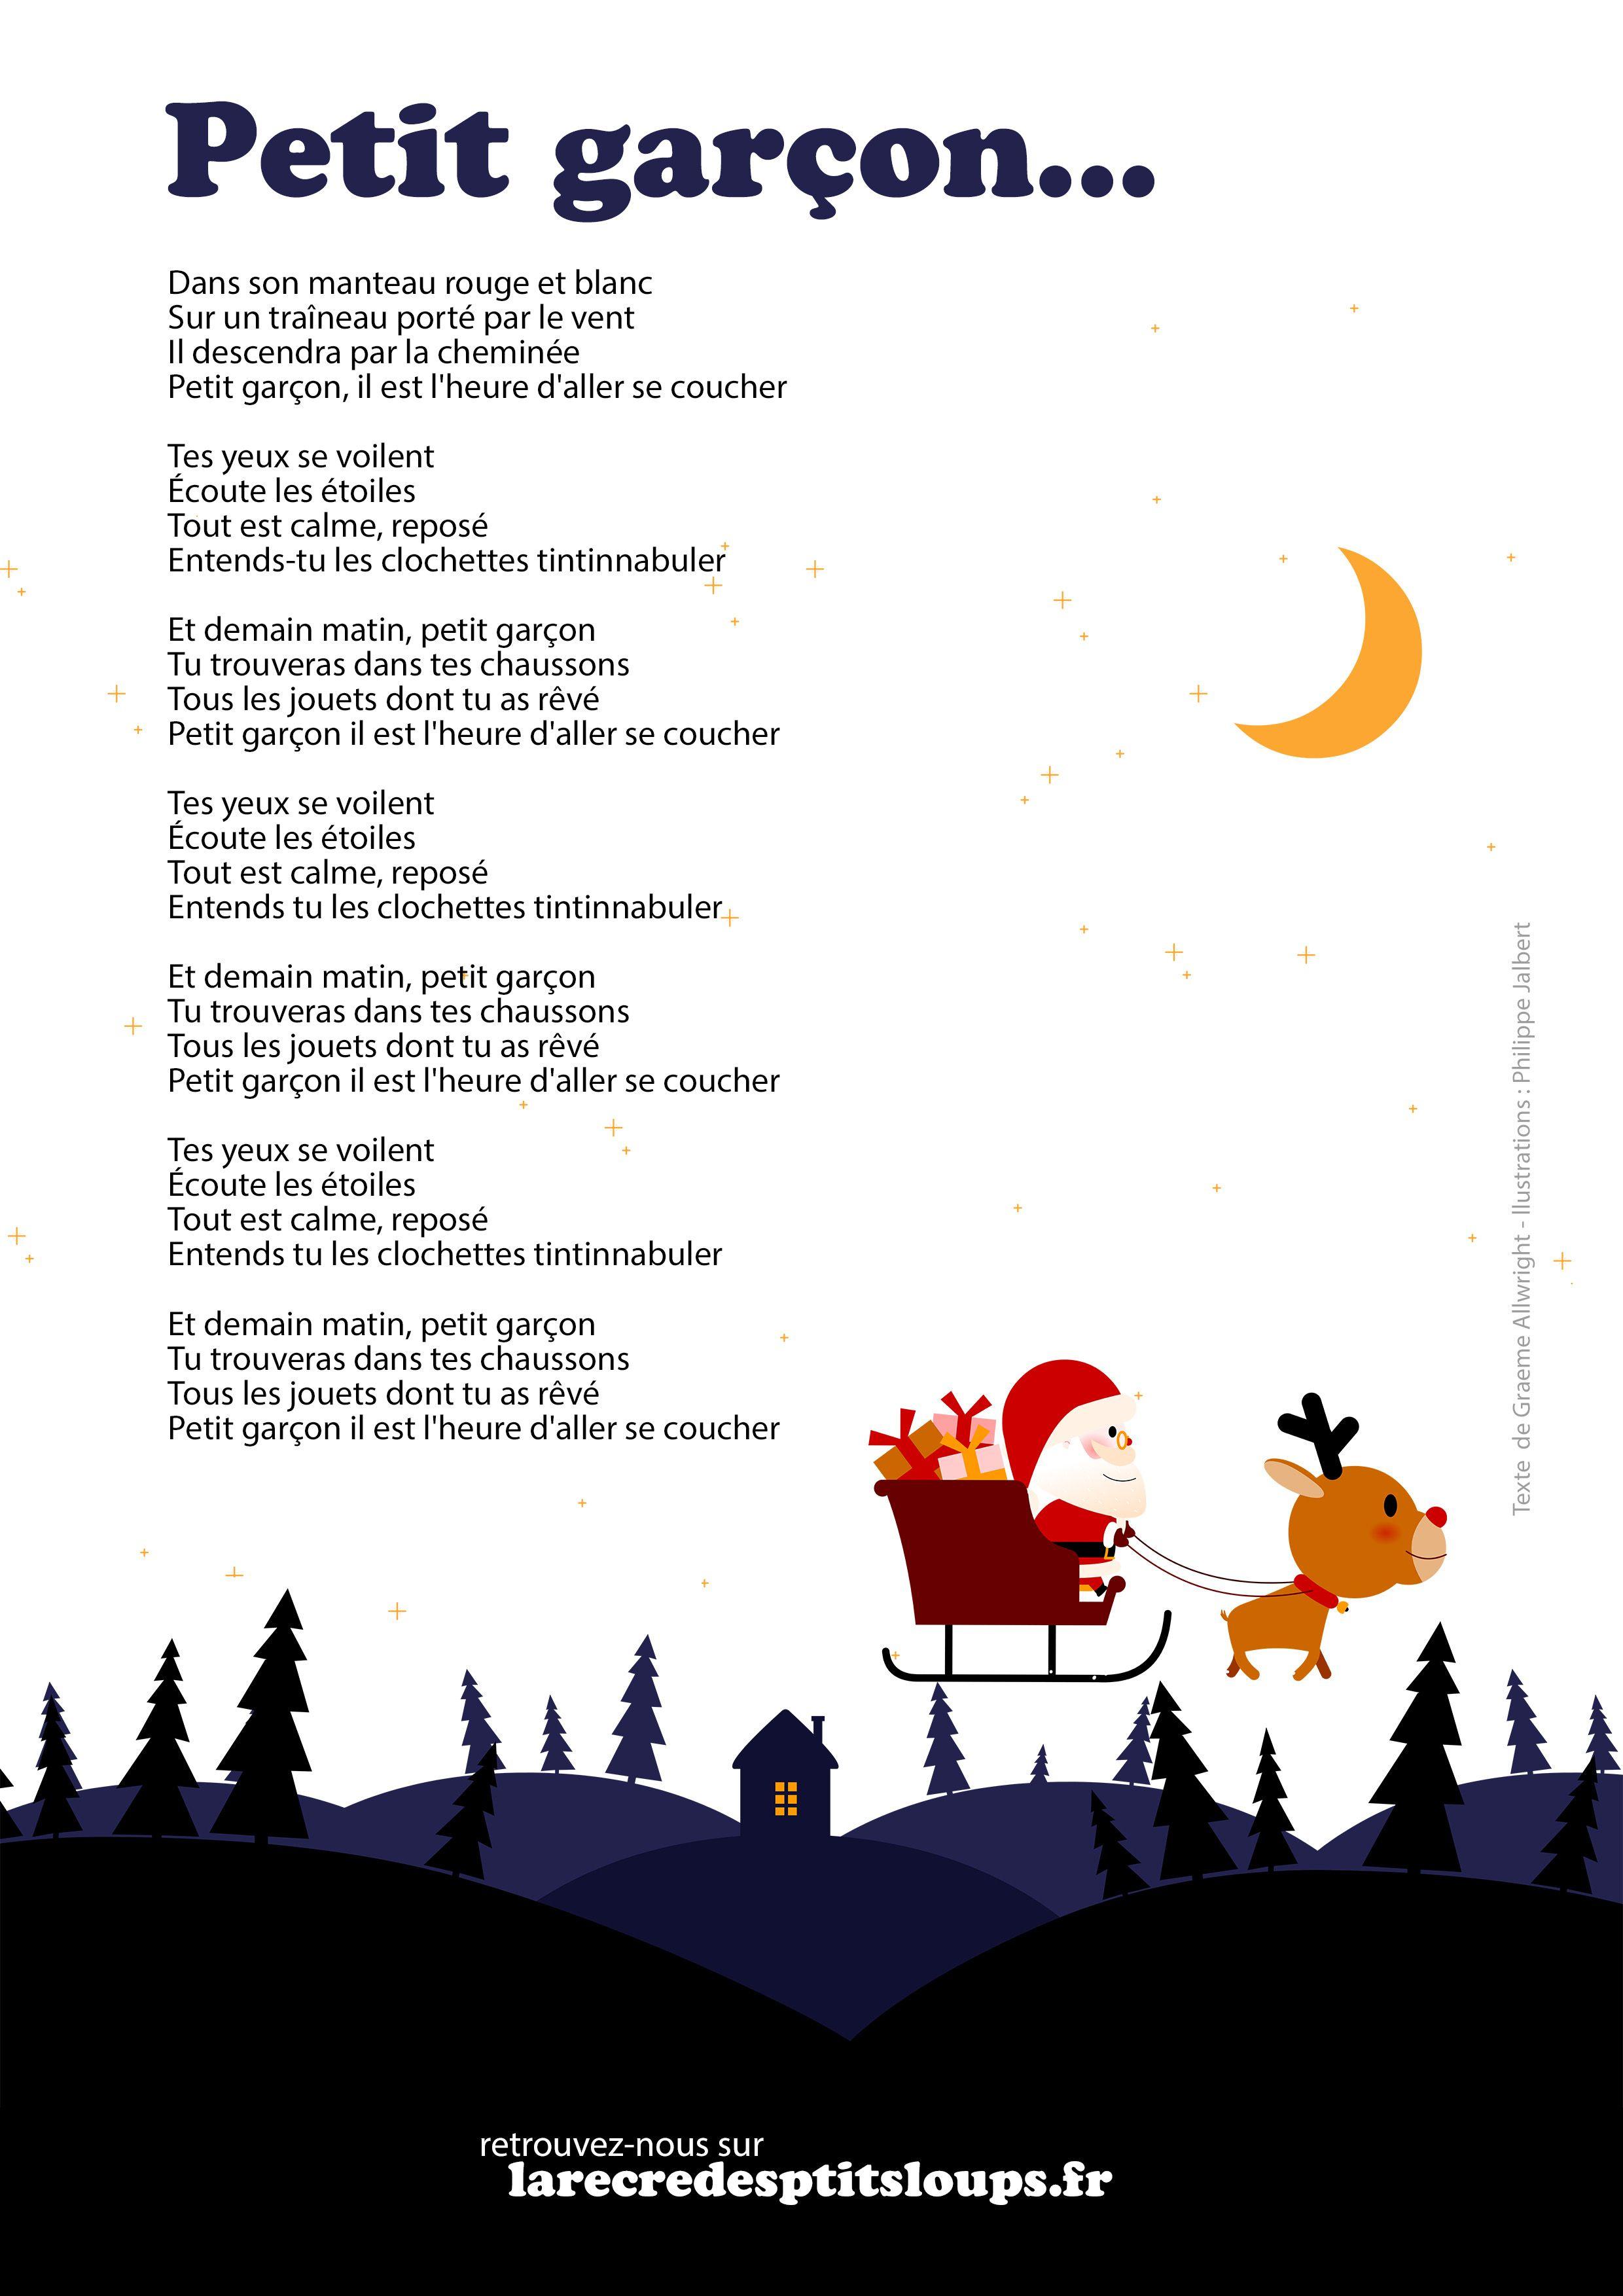 Petit Garcon Paroles À Imprimer De La Comptine De Noël (2020 pour Chanson Dans Son Manteau Rouge Et Blanc